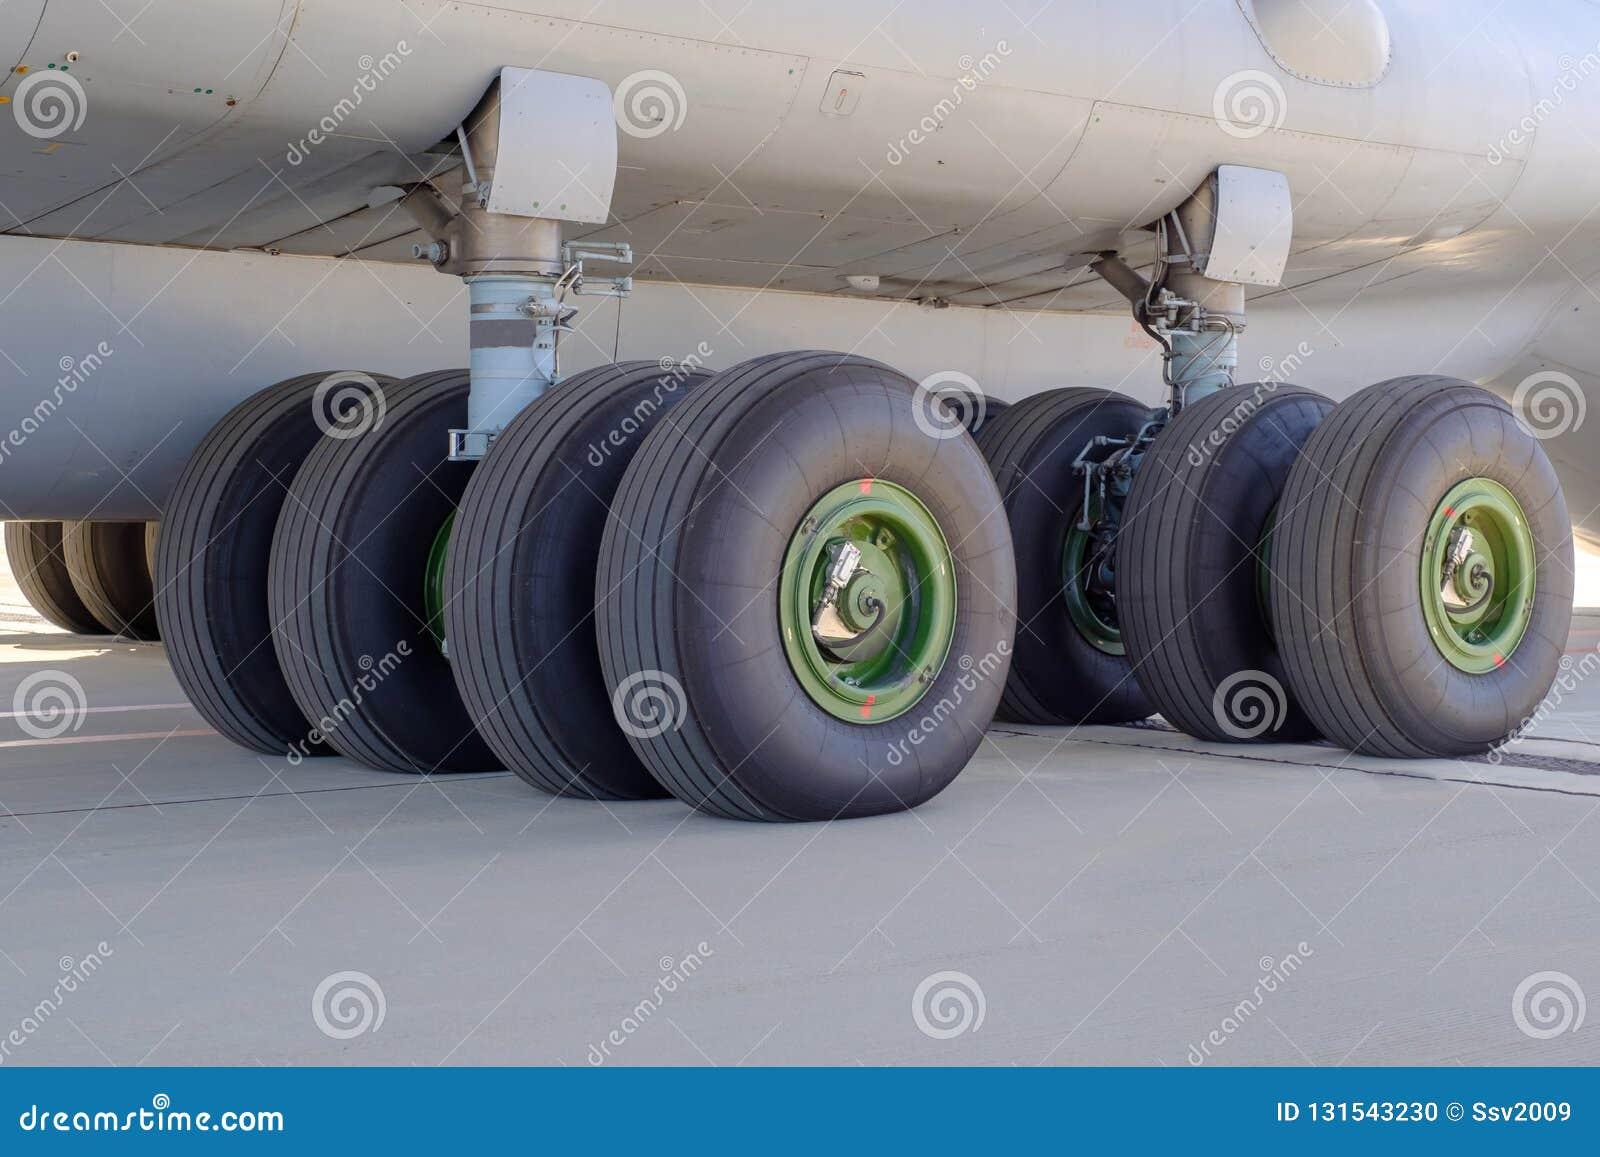 Die Fahrgestelle eines Frachtflugzeuges auf dem Flughafenstreifen